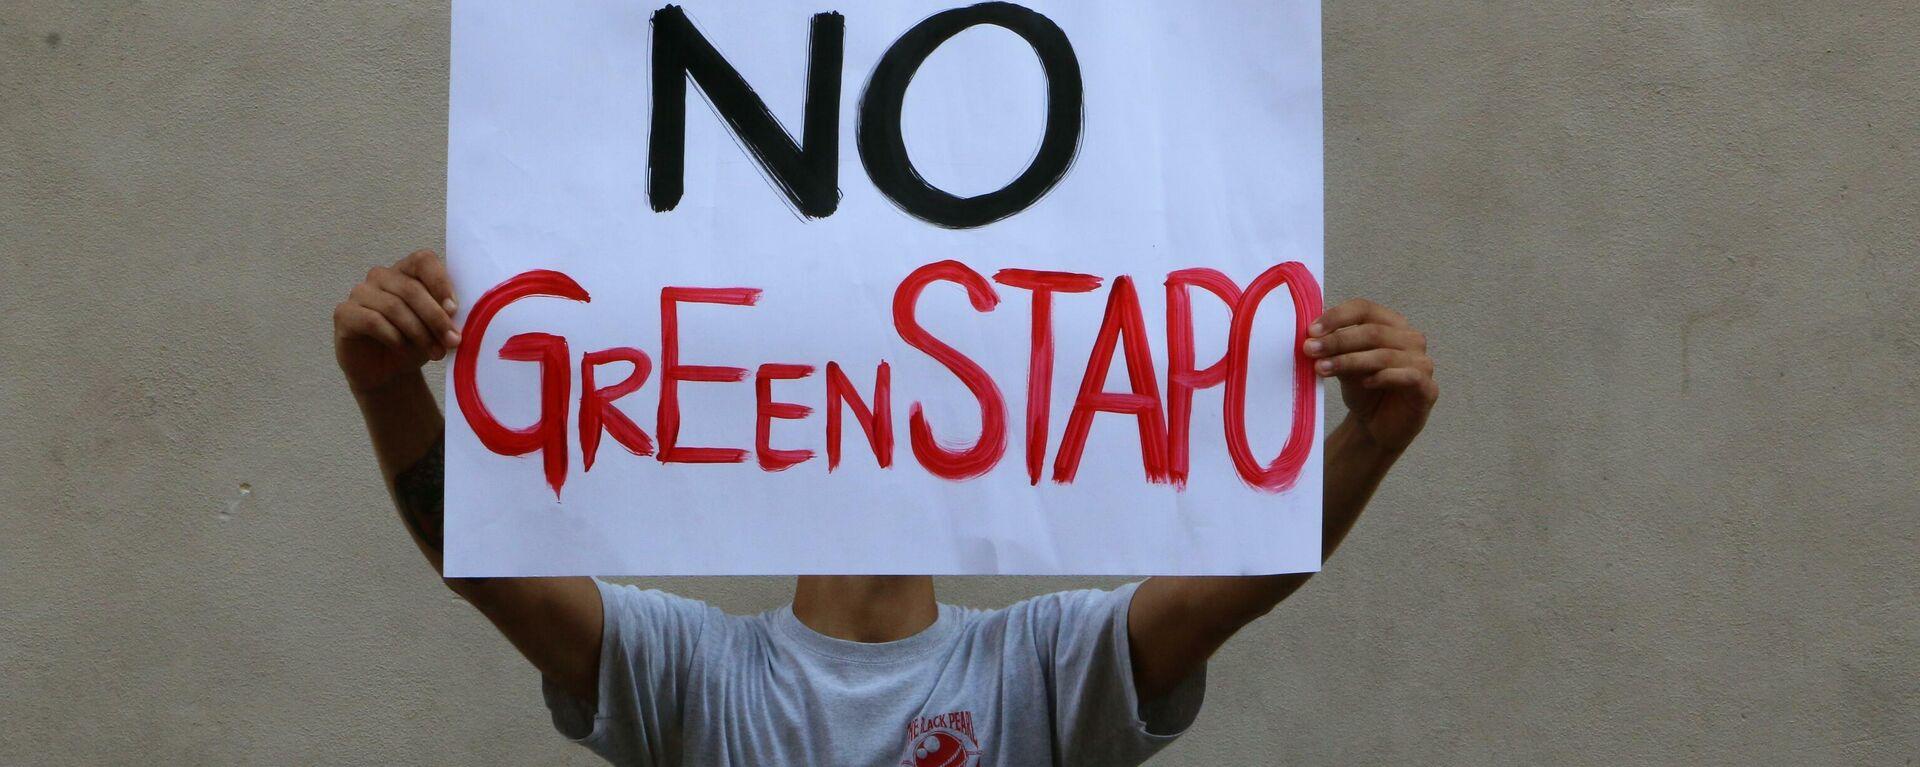 Milano, Napoli, Torino: italiani protestano contro il Green Pass - Sputnik Italia, 1920, 25.07.2021